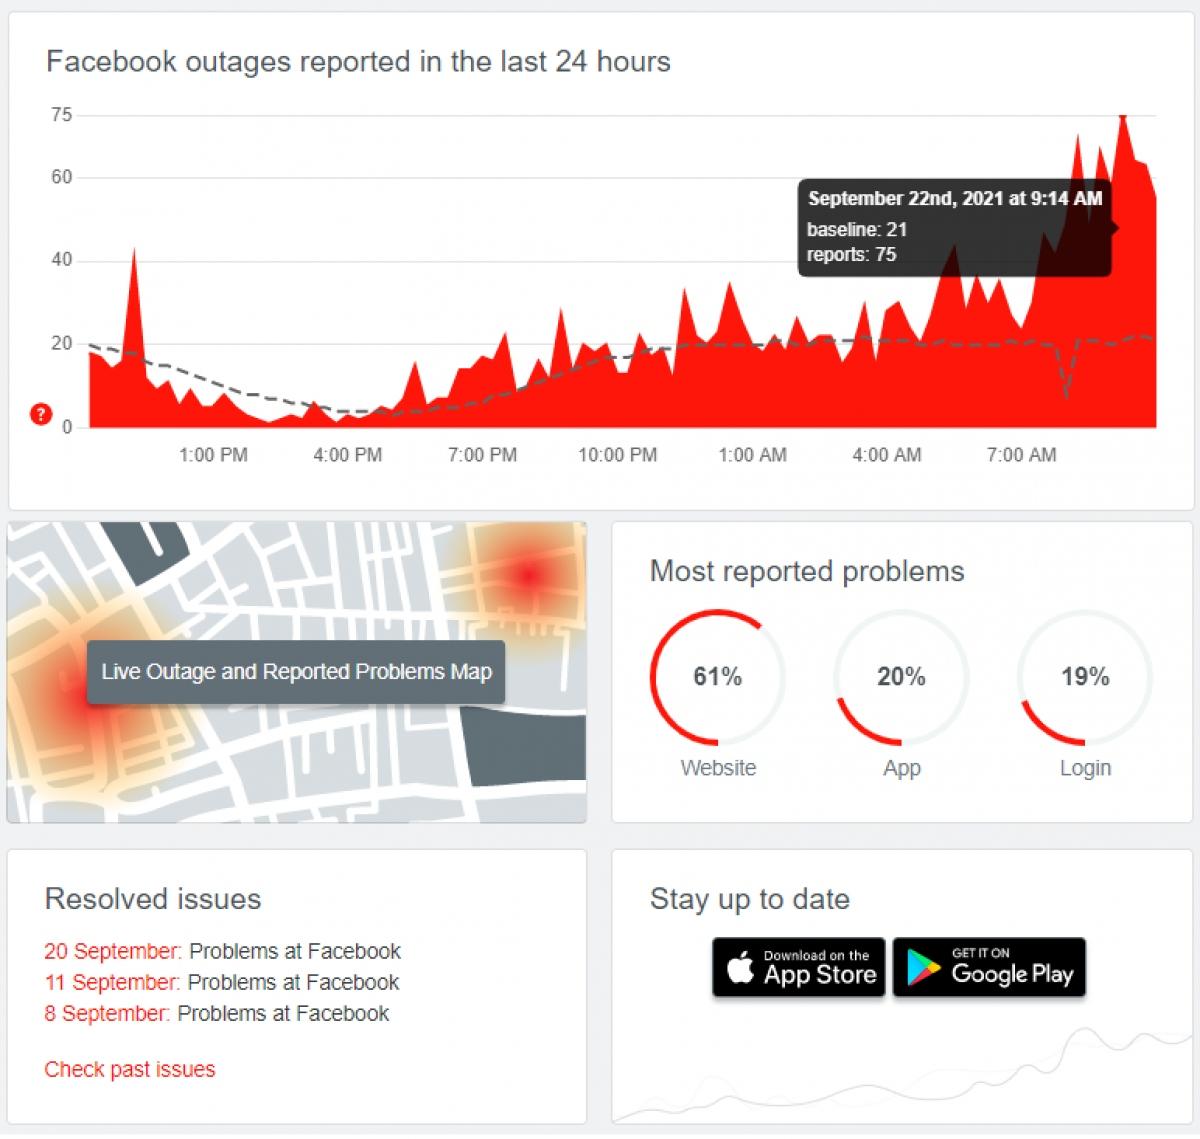 DownDetector đã ghi nhận báo cáo sự cố tăng đột biến trên Facebook vào sáng 22/9/2021